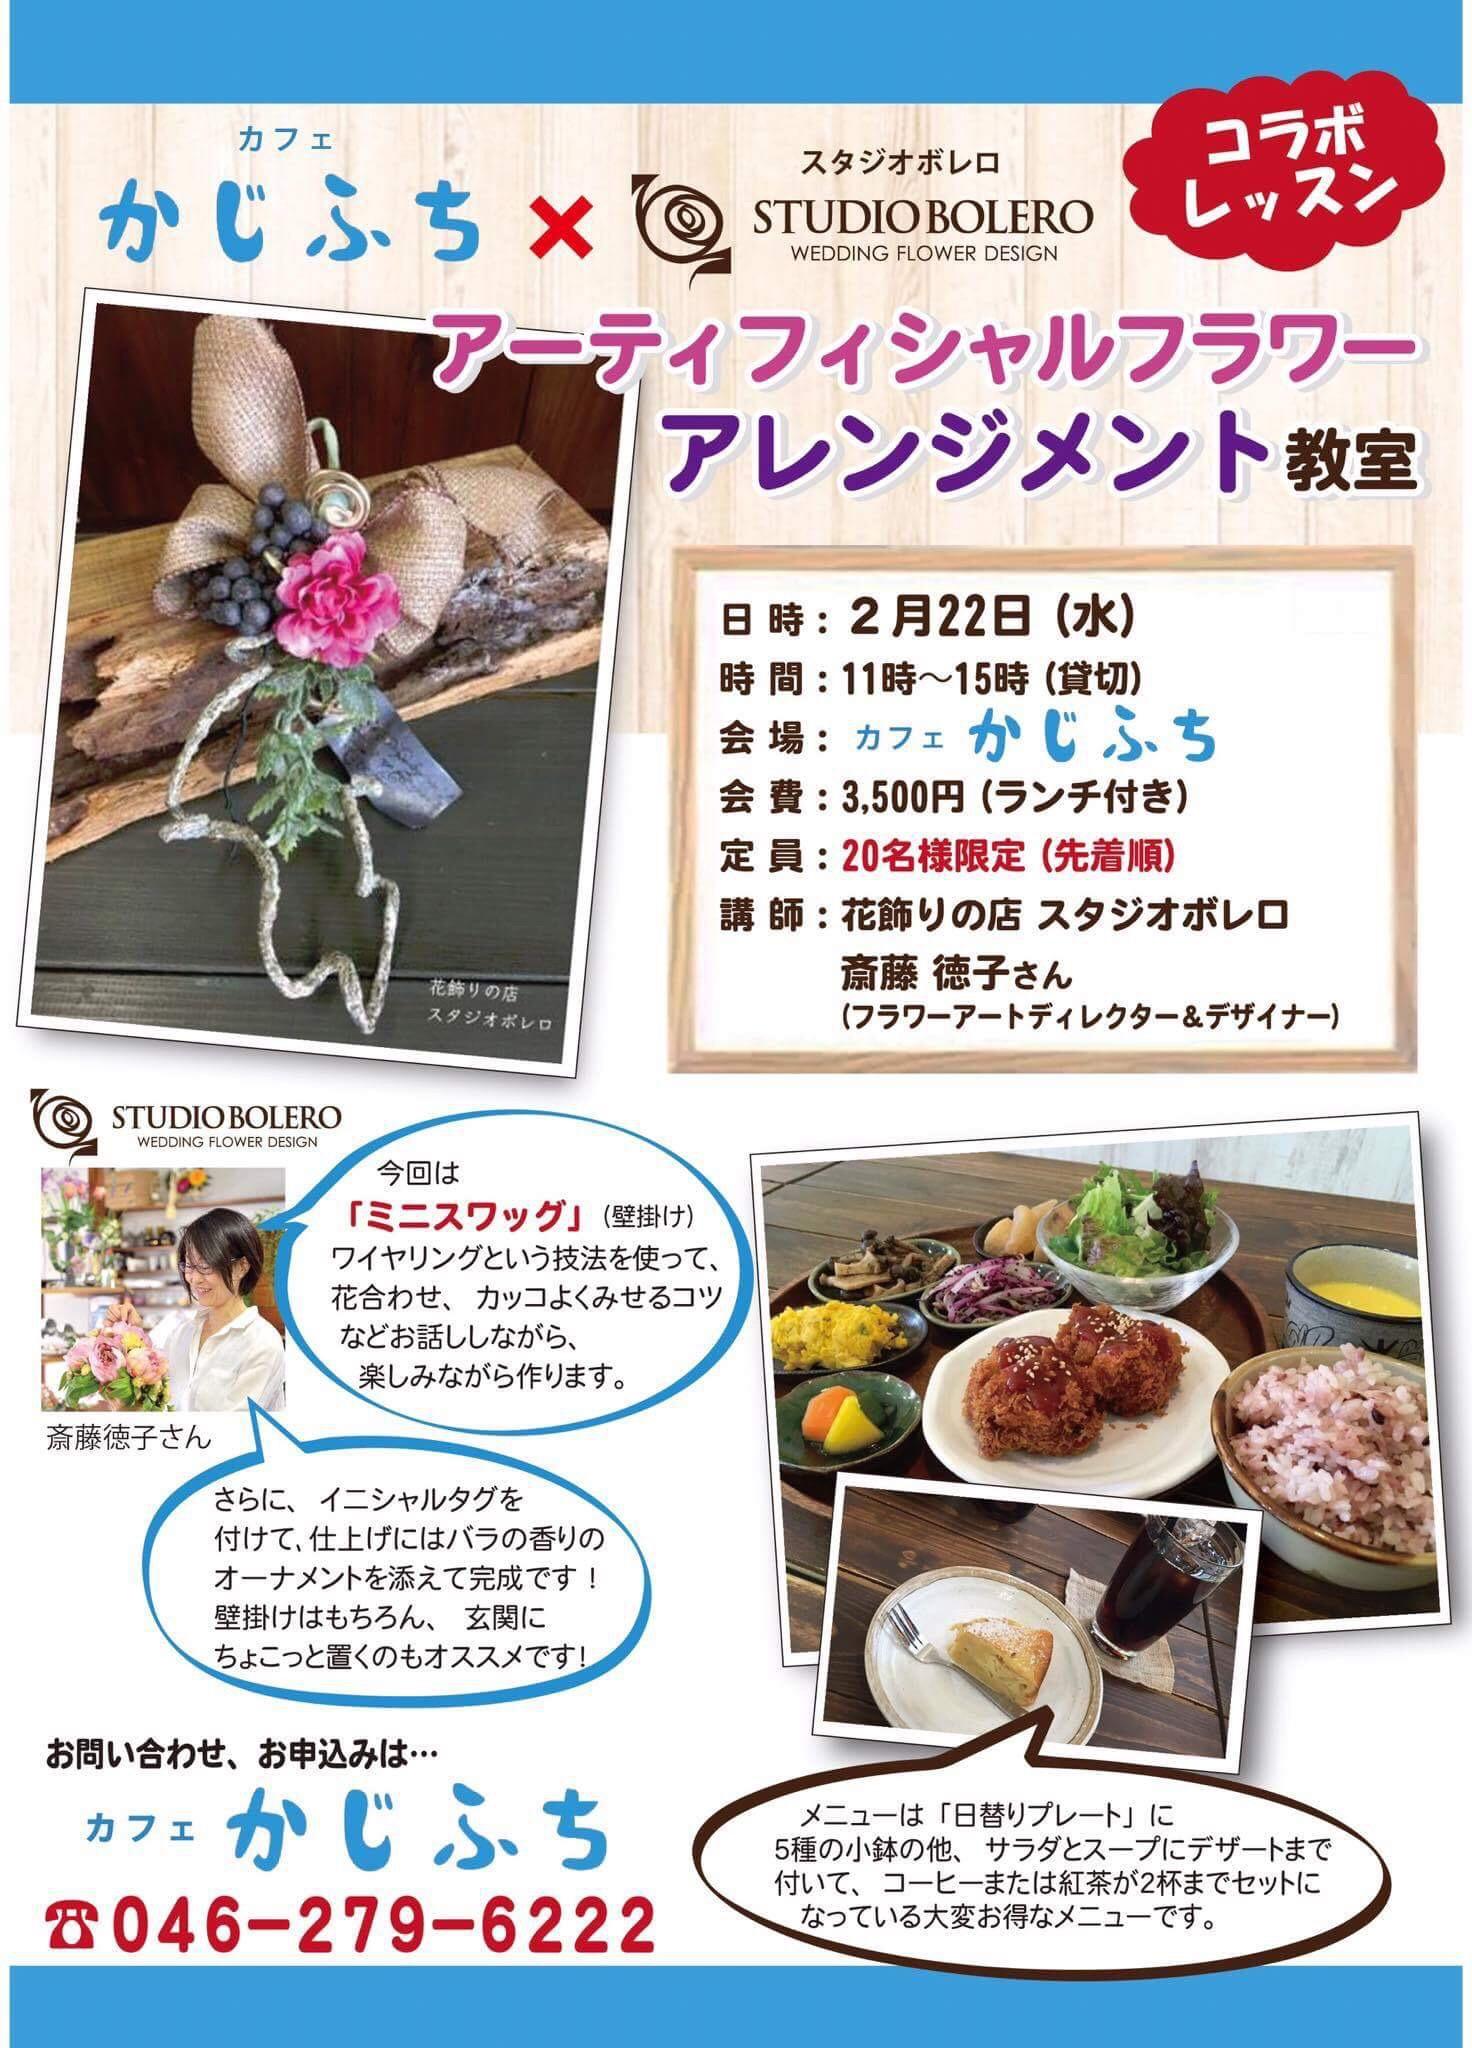 桜ヶ丘駅東口徒歩0分の場所にあるカフェかじふちさんとコラボイベント花飾りの店スタジオボレロお得なランチセットと初めてでもできるフラワーレッスンでミニスワッグを作ります